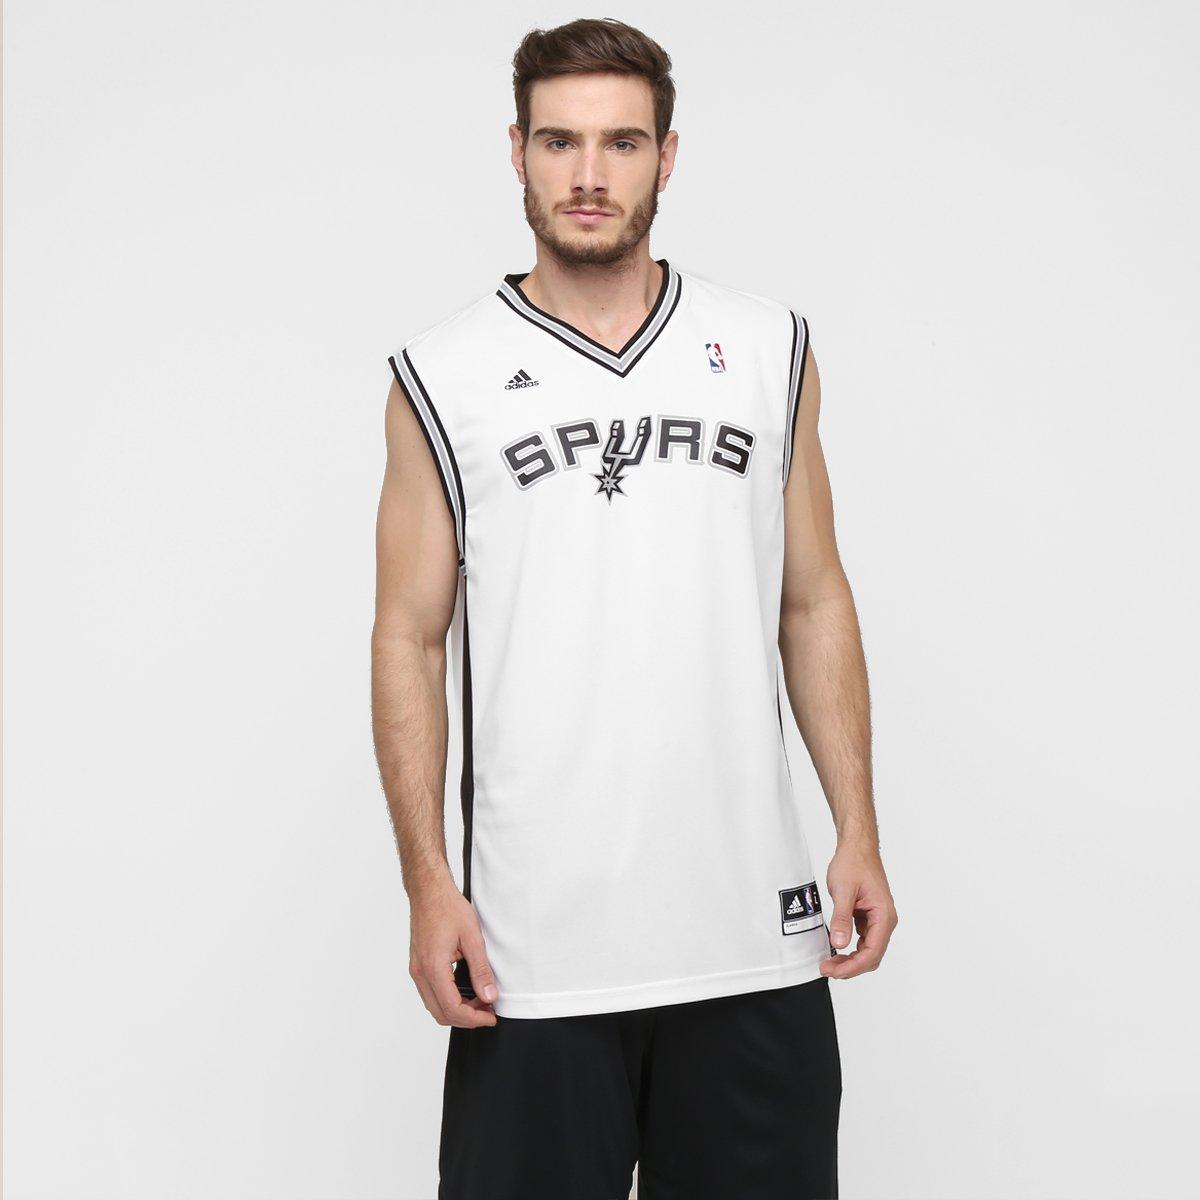 6e95f9c42 Camiseta Regata Adidas San Antonio Spurs Home - Compre Agora